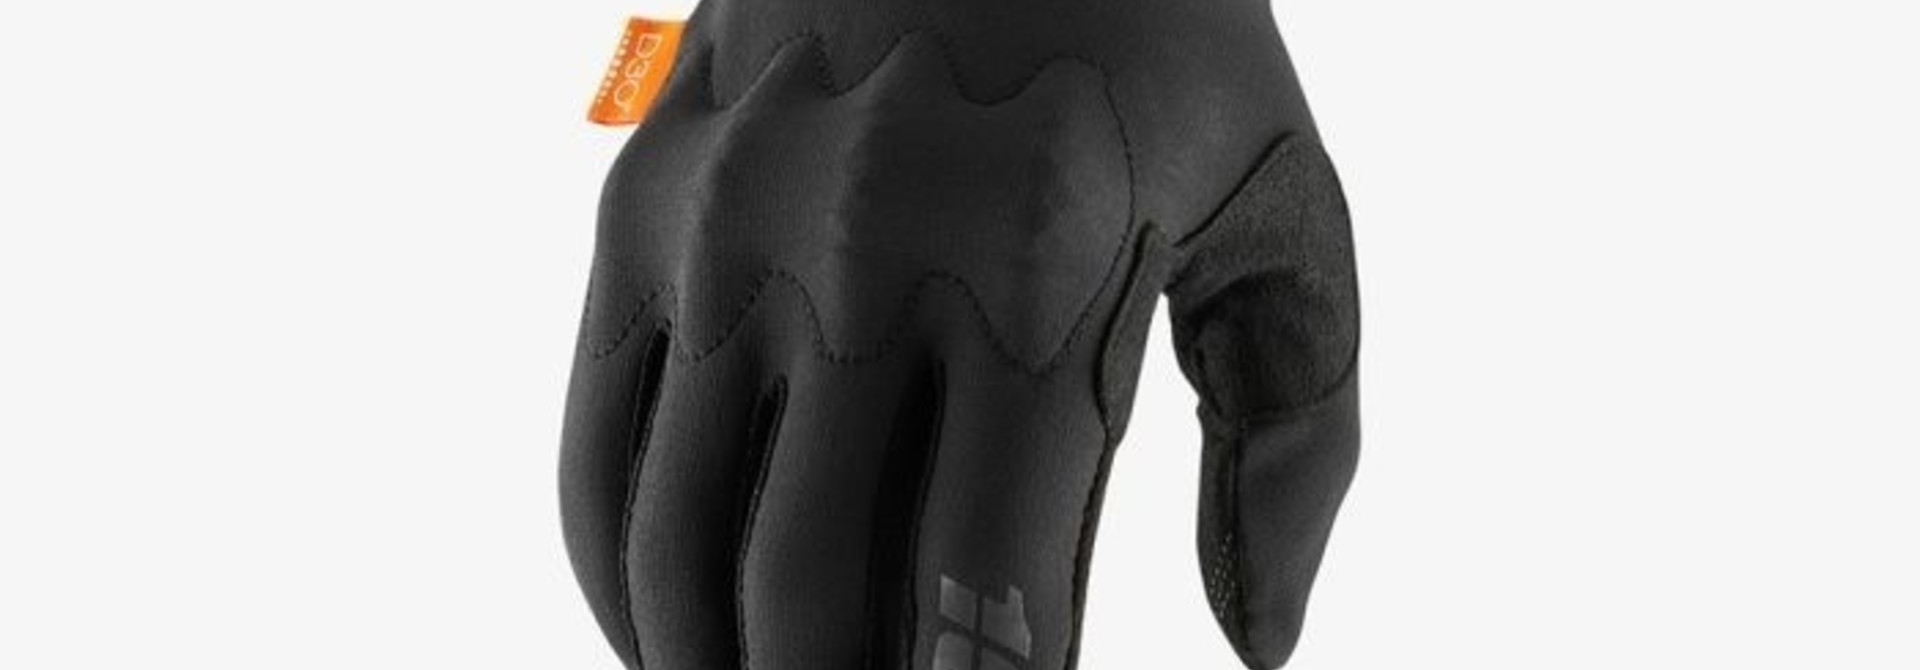 Cognito Gloves